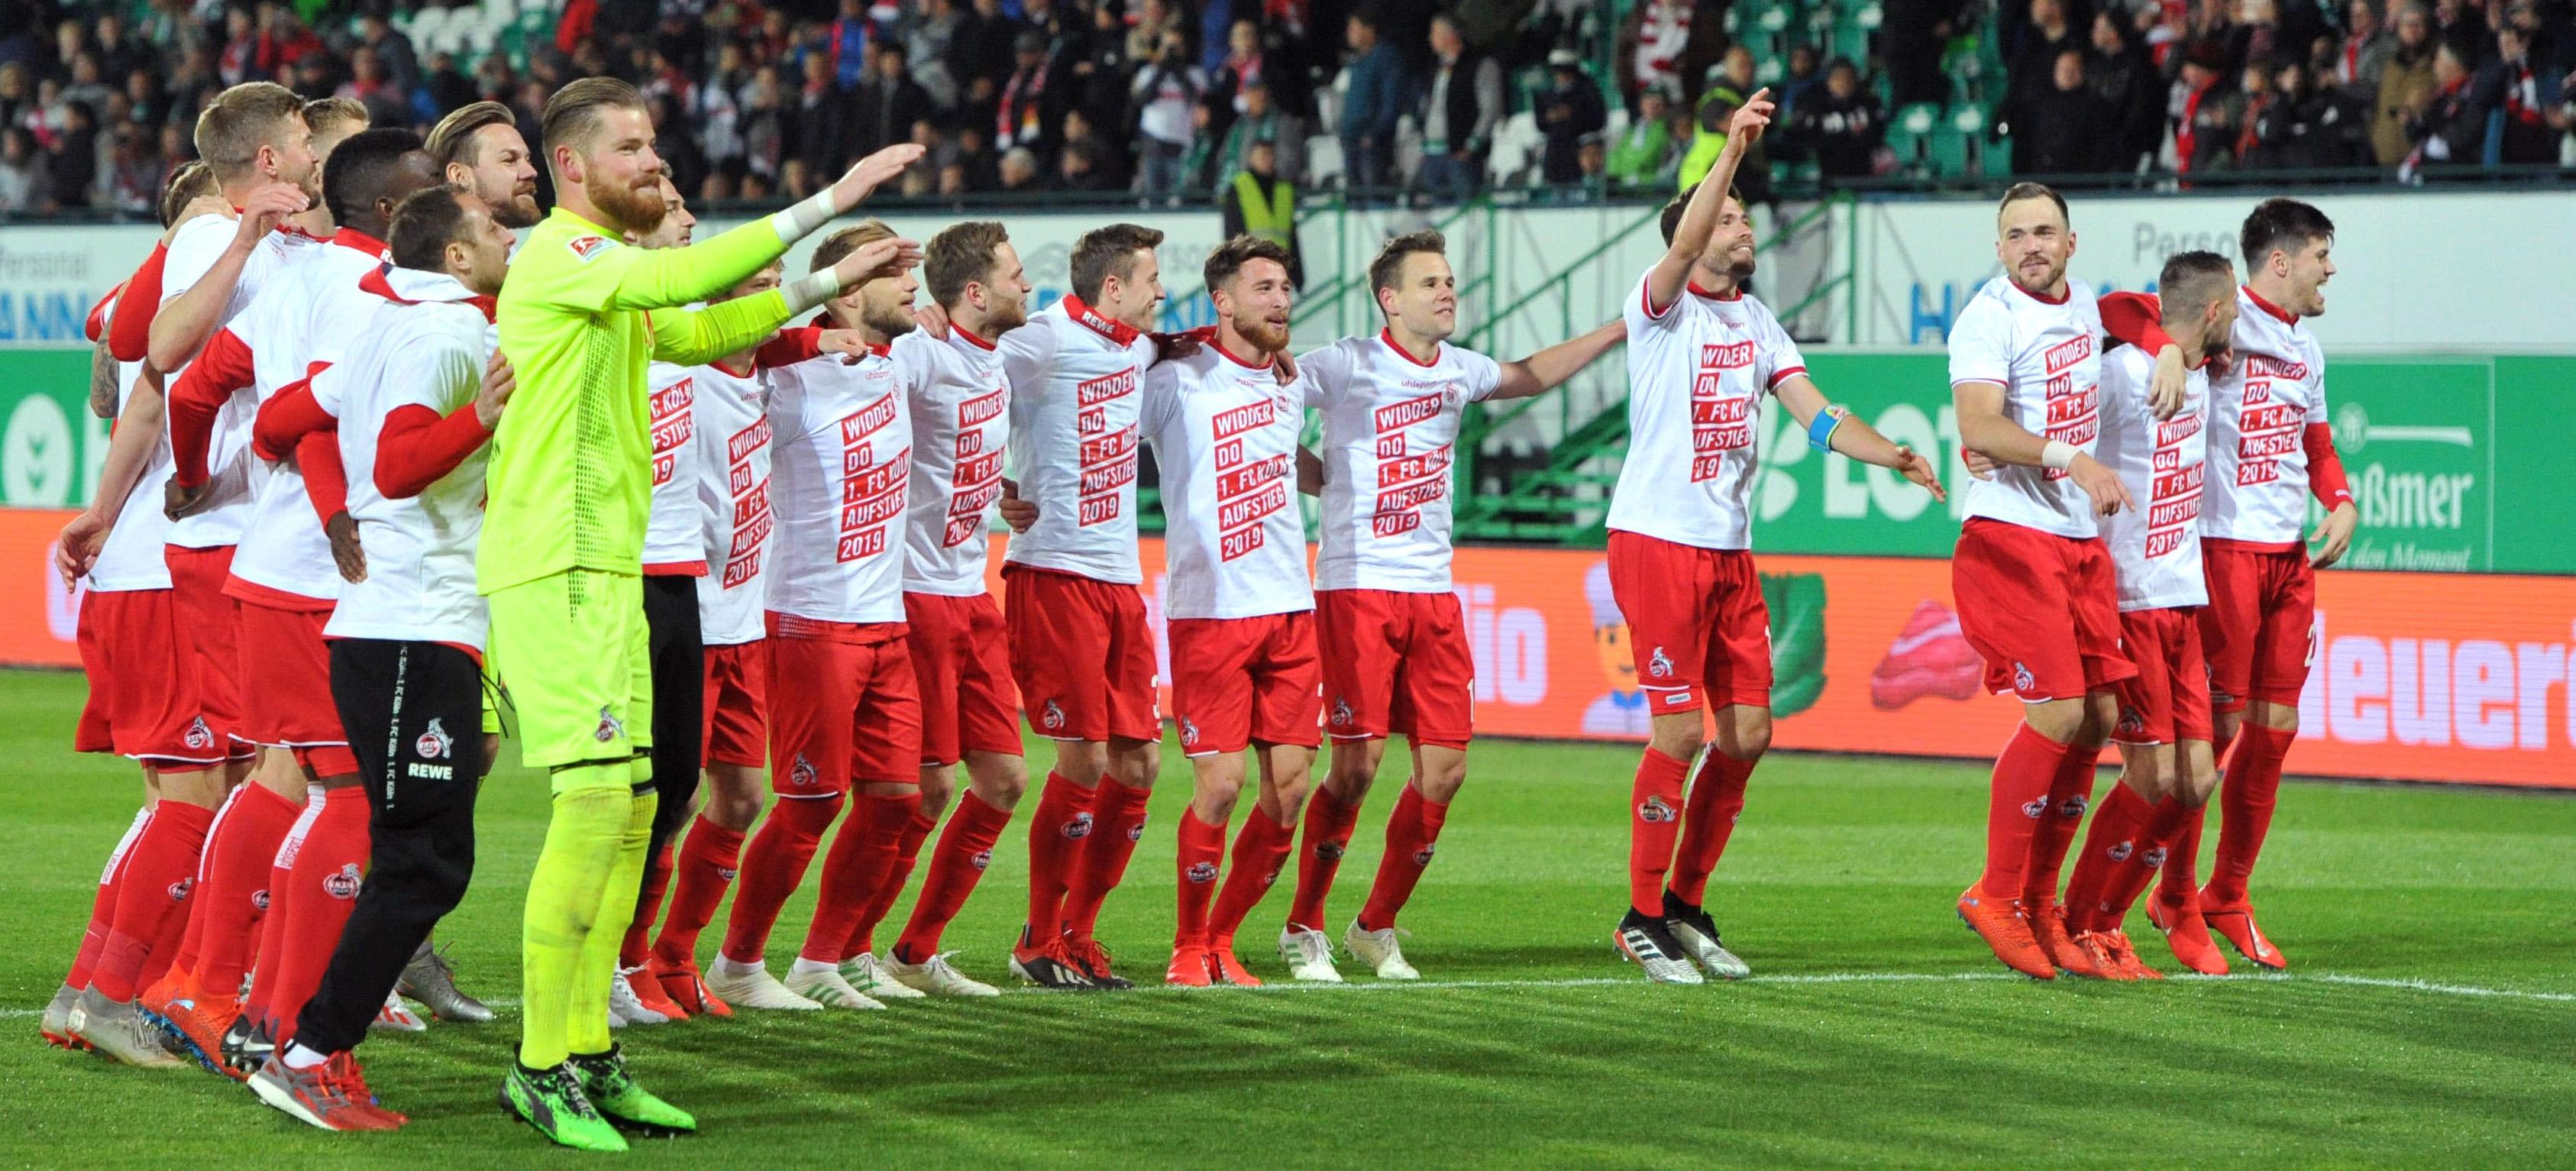 Erste Liga Bundesliga